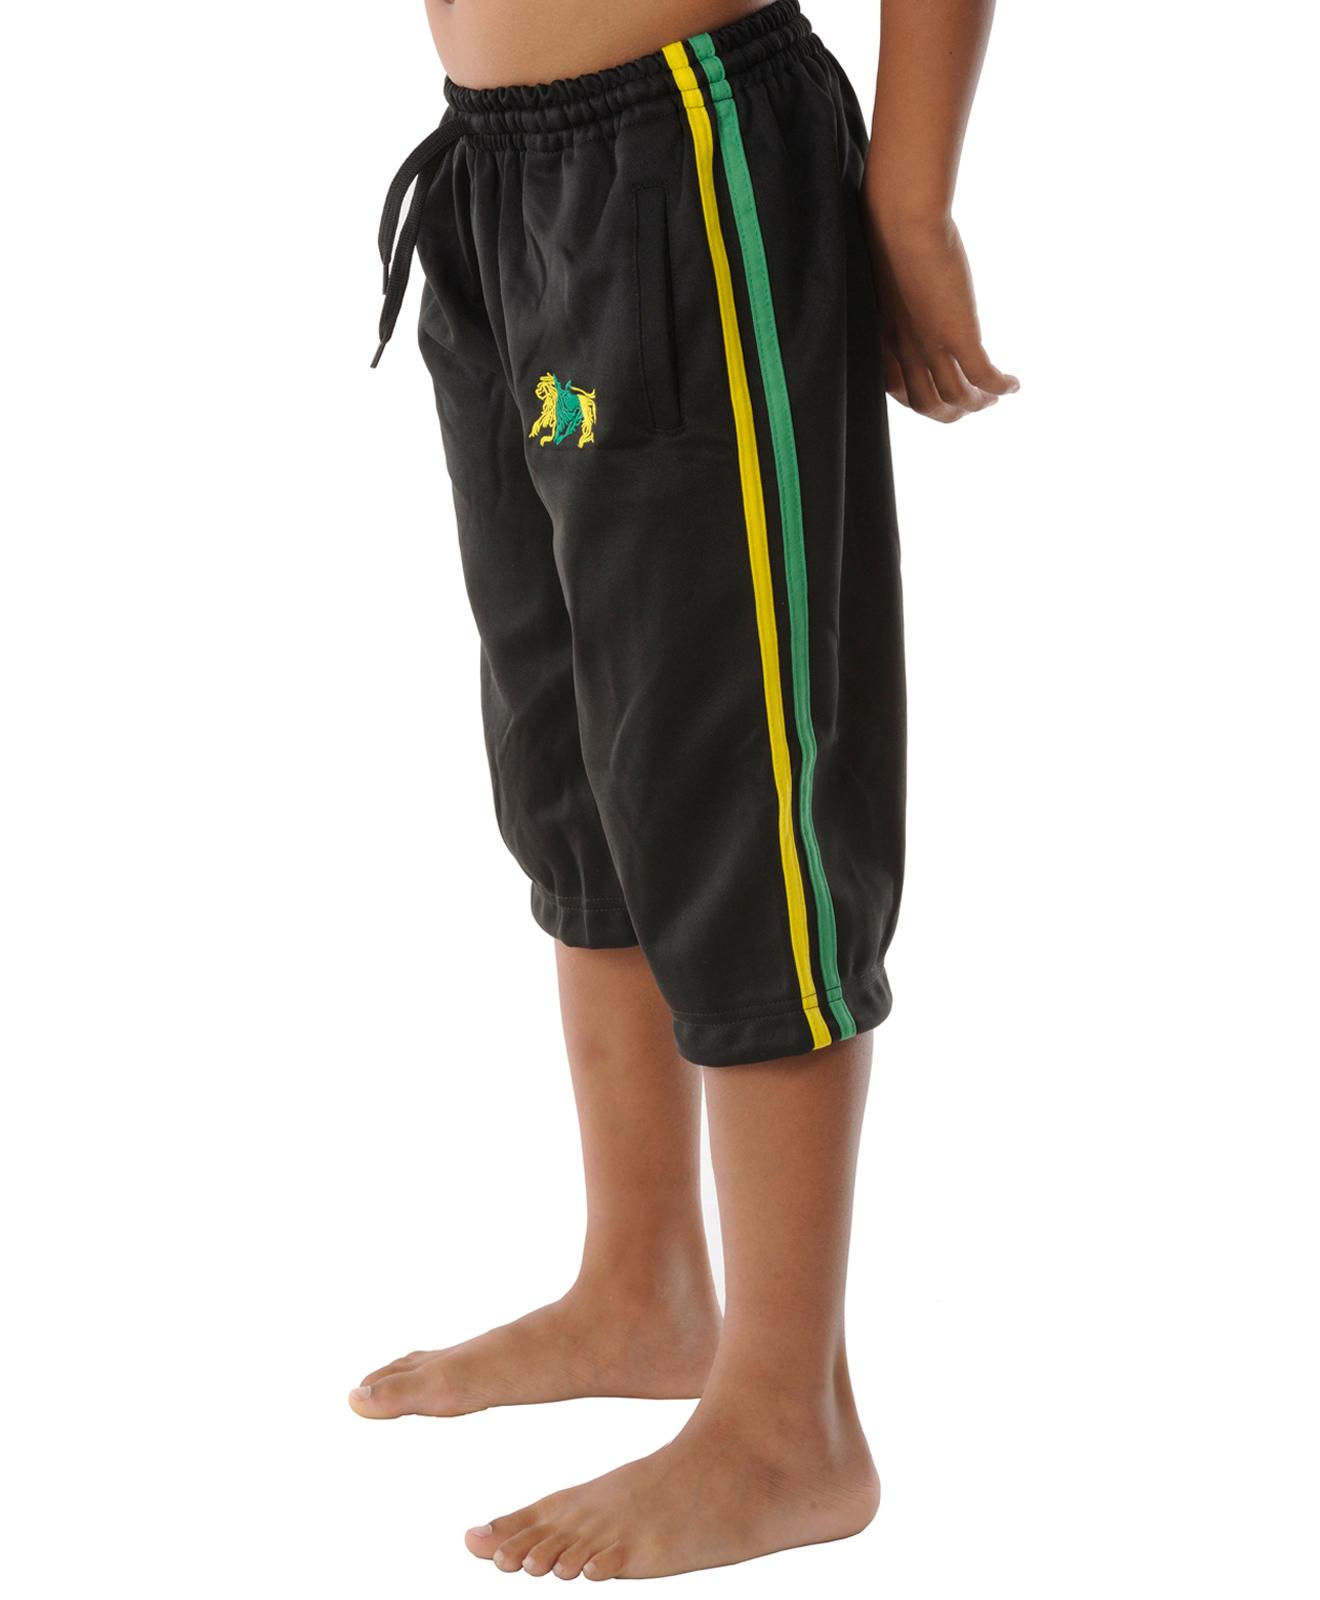 kids jamaica flag shorts